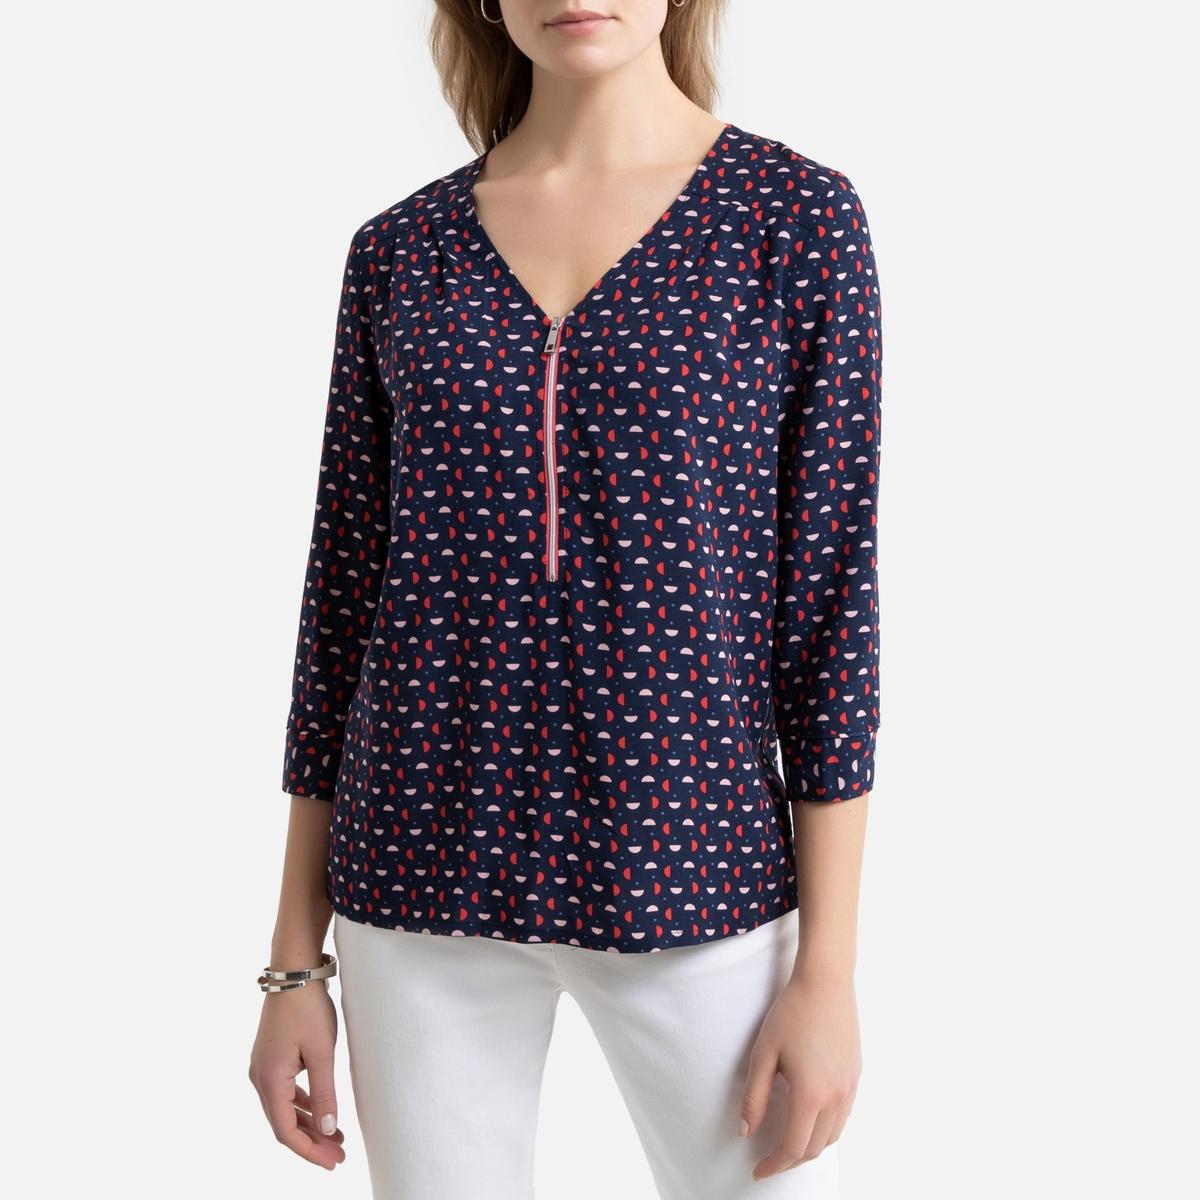 Блузка LaRedoute С V-образным вырезом графическим принтом рукавами 34 42 (FR) - 48 (RUS) синий блузка la redoute с рукавми и v образным вырезом 36 fr 42 rus синий